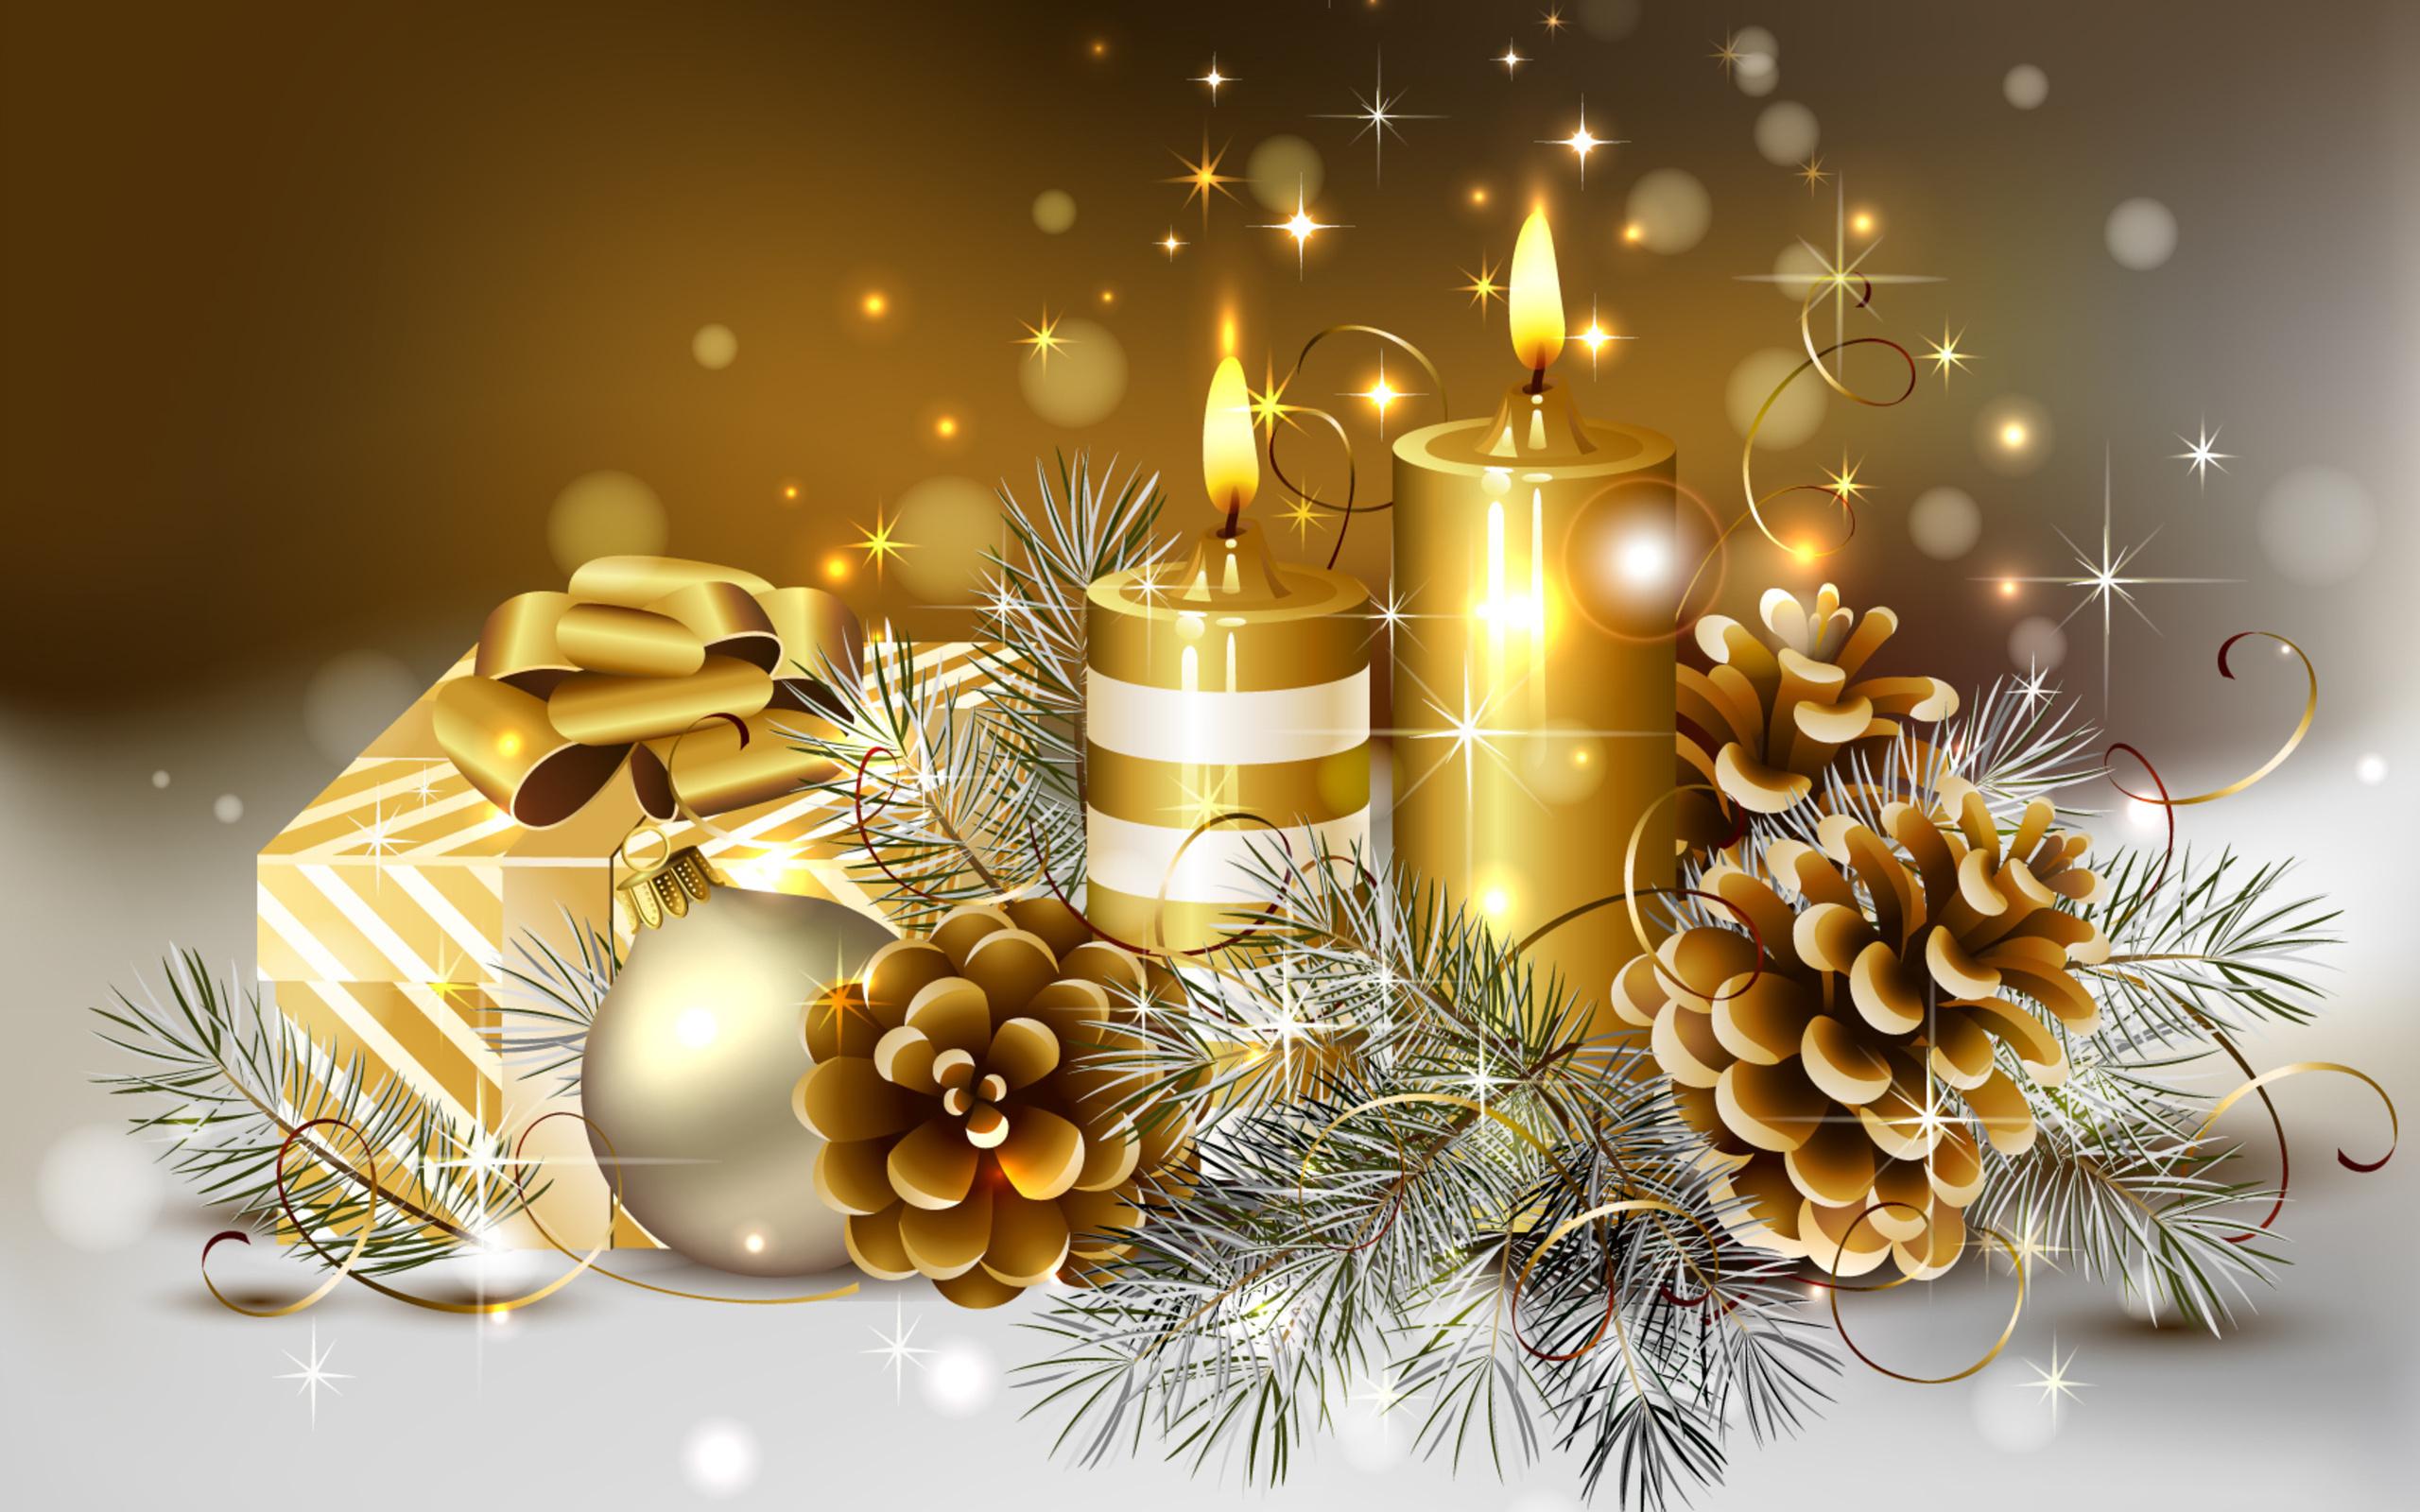 Казанской божьей, открытка на новогодние праздники